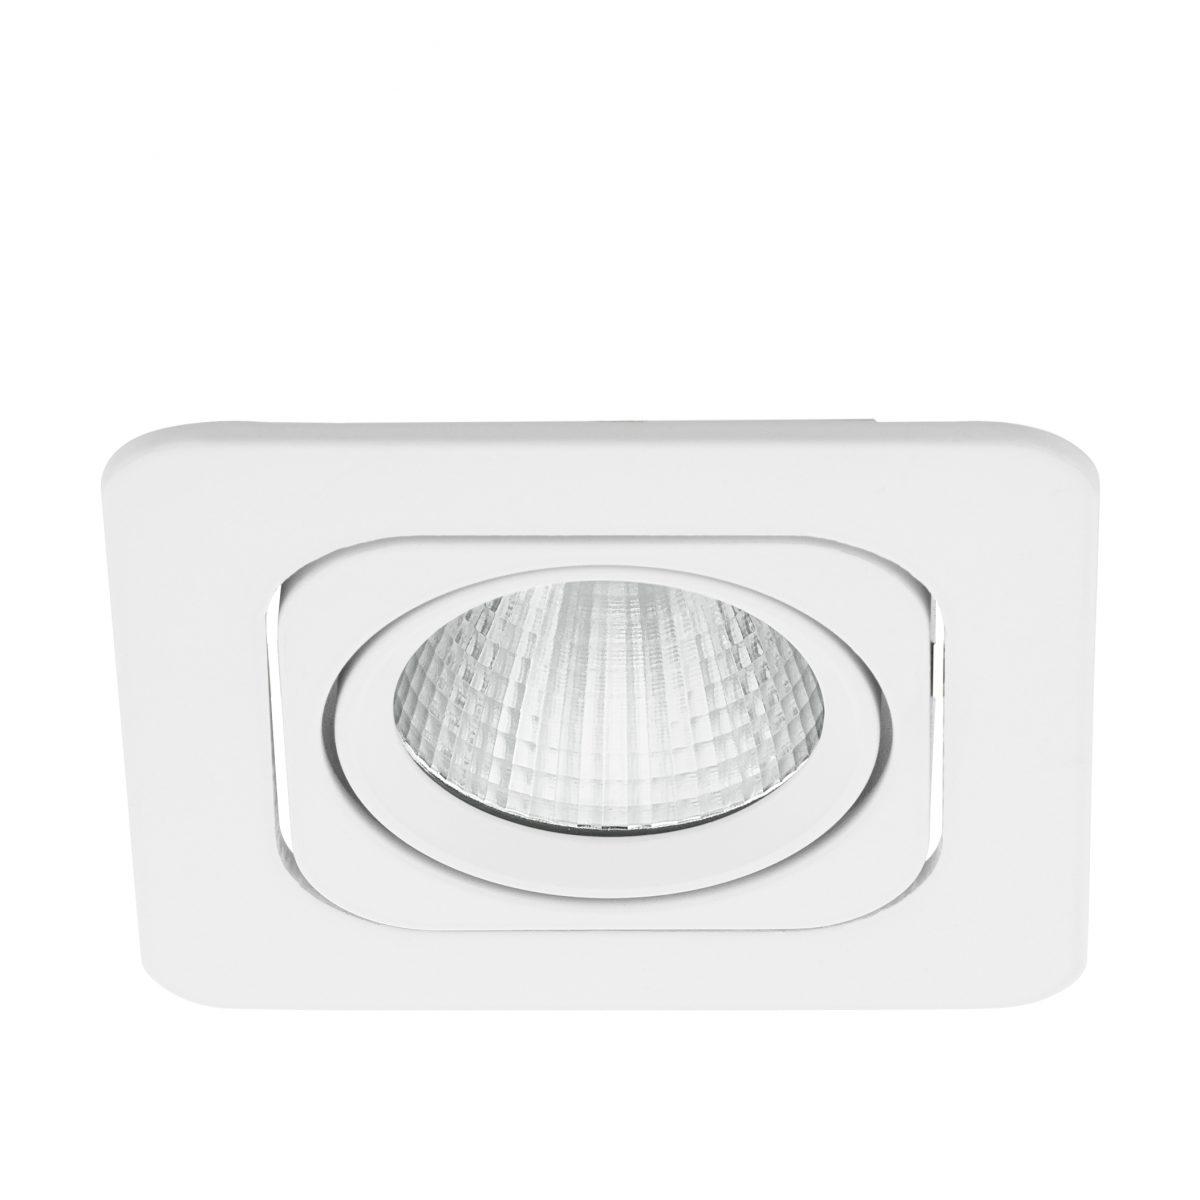 Светильник настенно-потолочный VASCELLO/PROFESSION EGLO 61629 - Фото №28